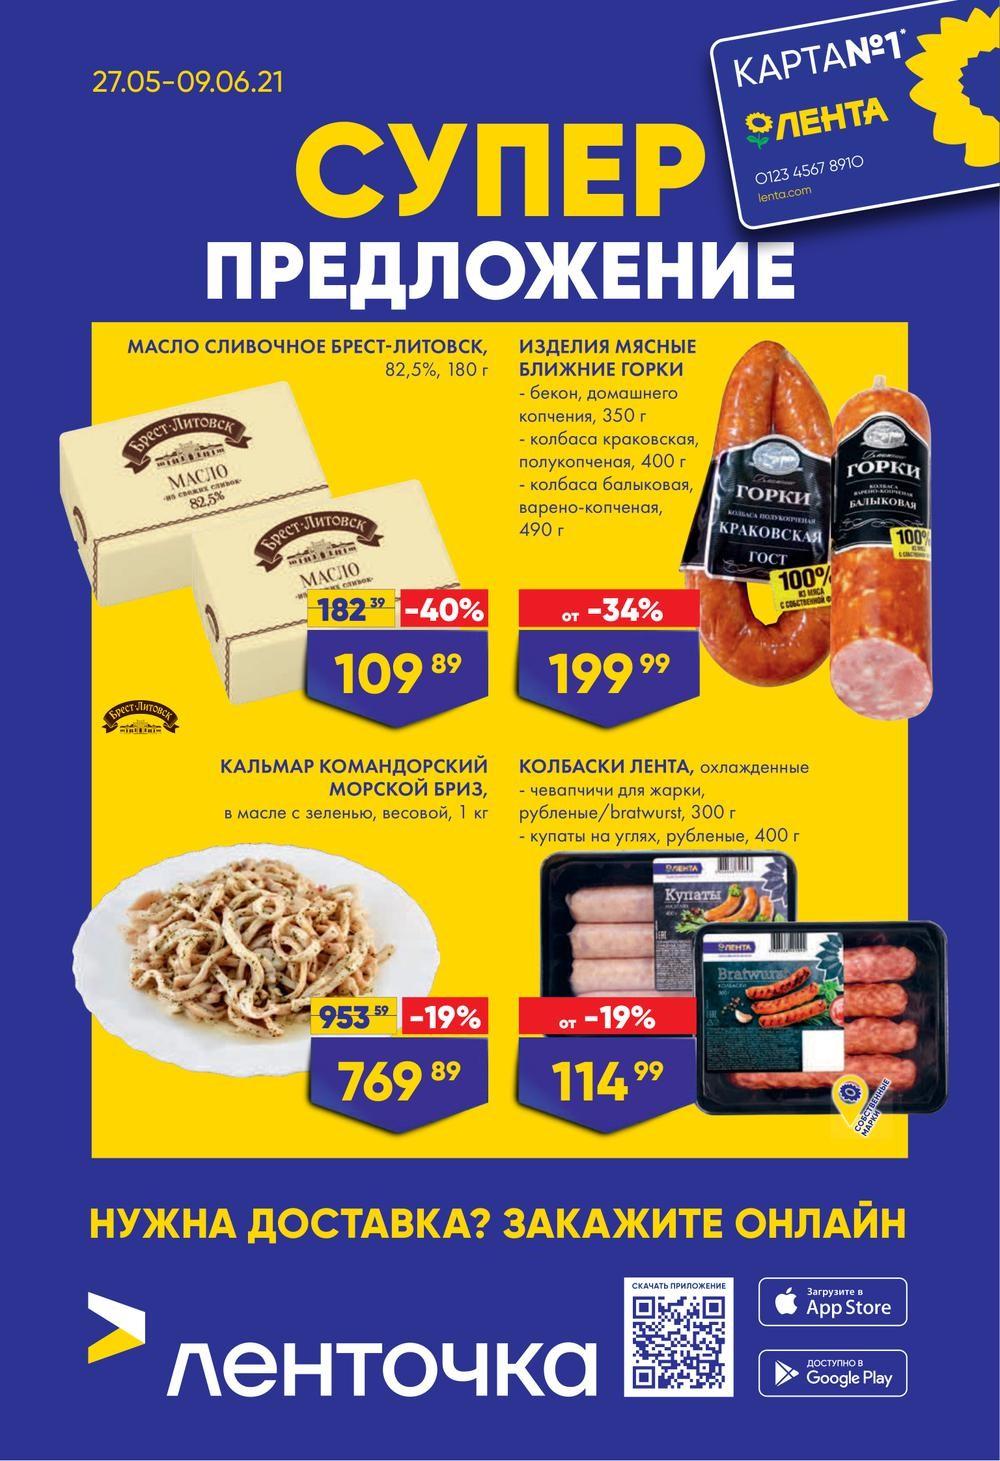 Свежие акции и скидки в Ленте г. Москва